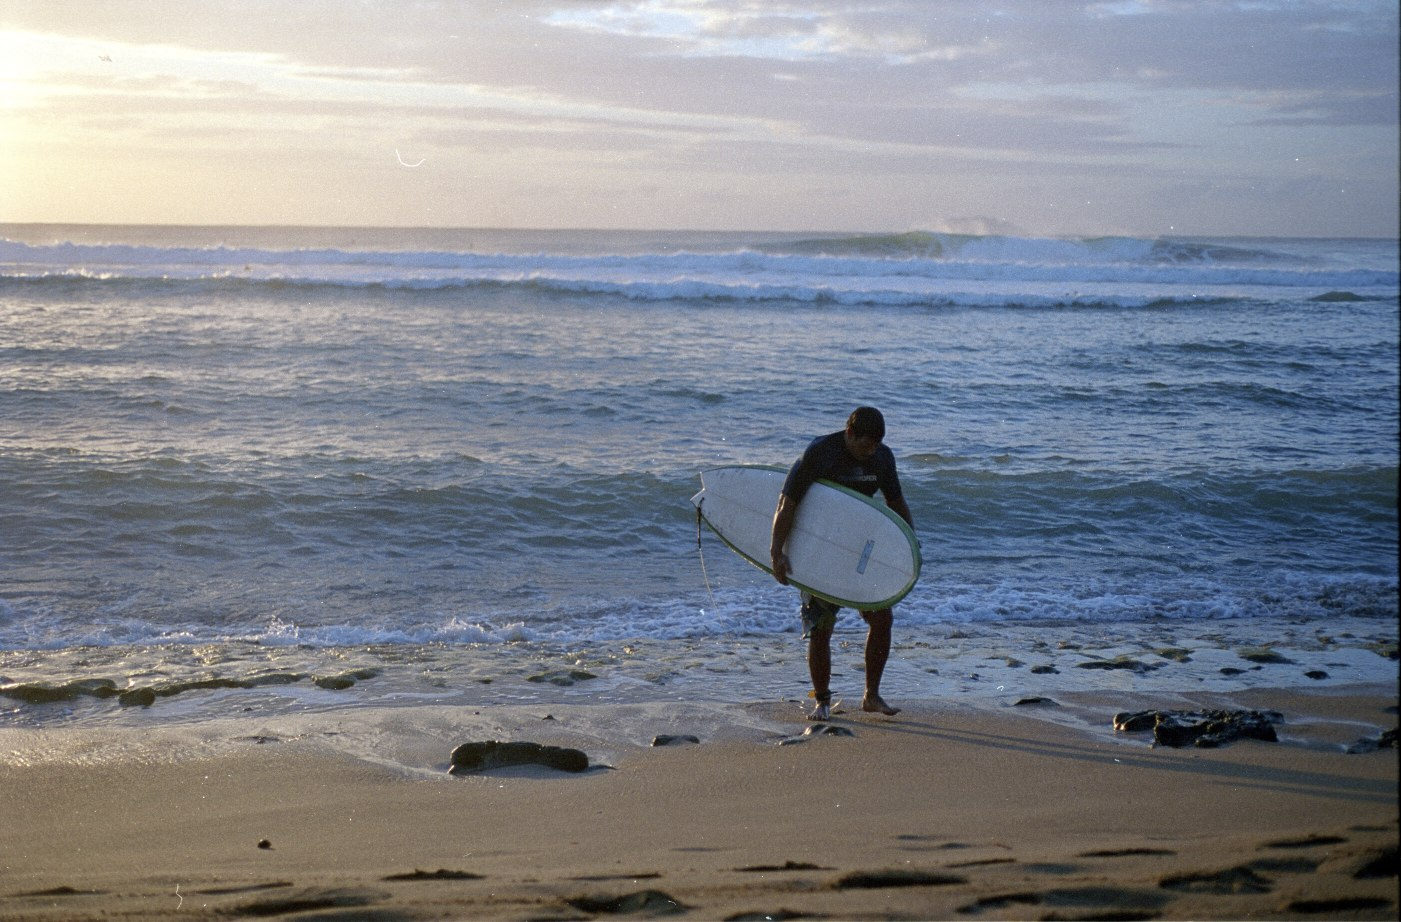 Surfer at Rincón | © Marco/Flickr